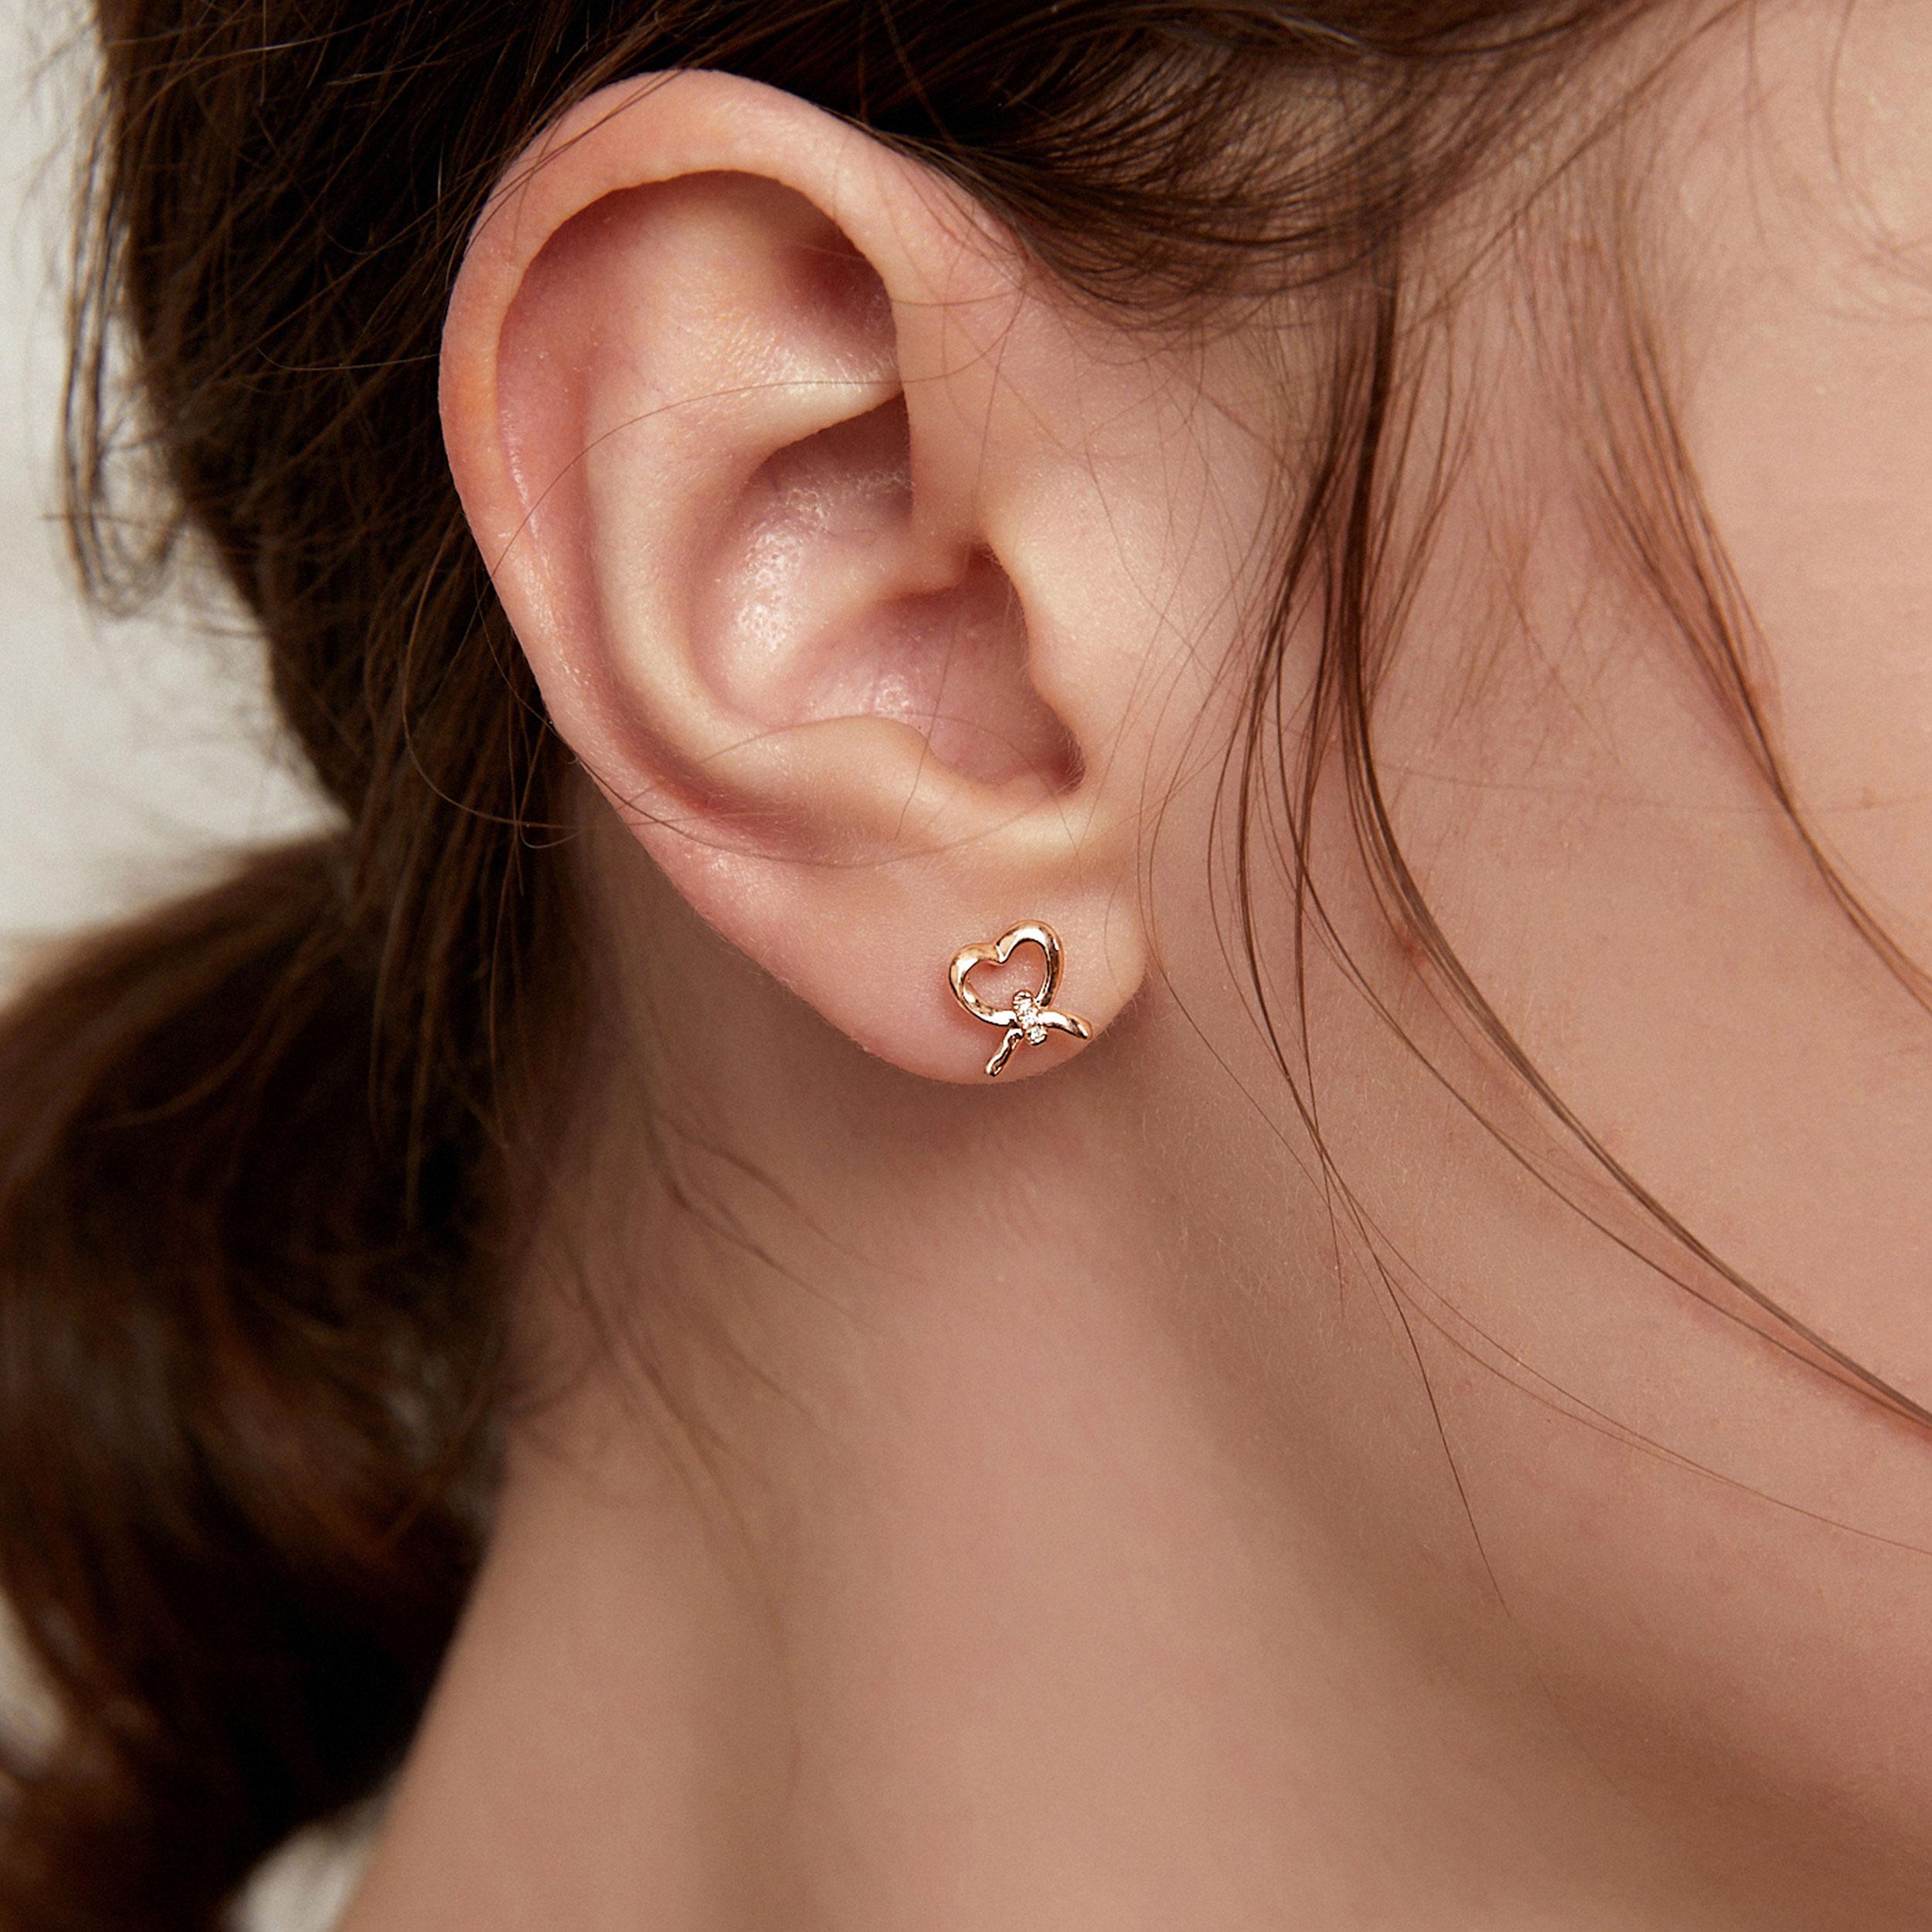 耳钉 金女爱心镶钻彩金养耳洞小巧高级感气质防过敏玫瑰金耳饰  18k